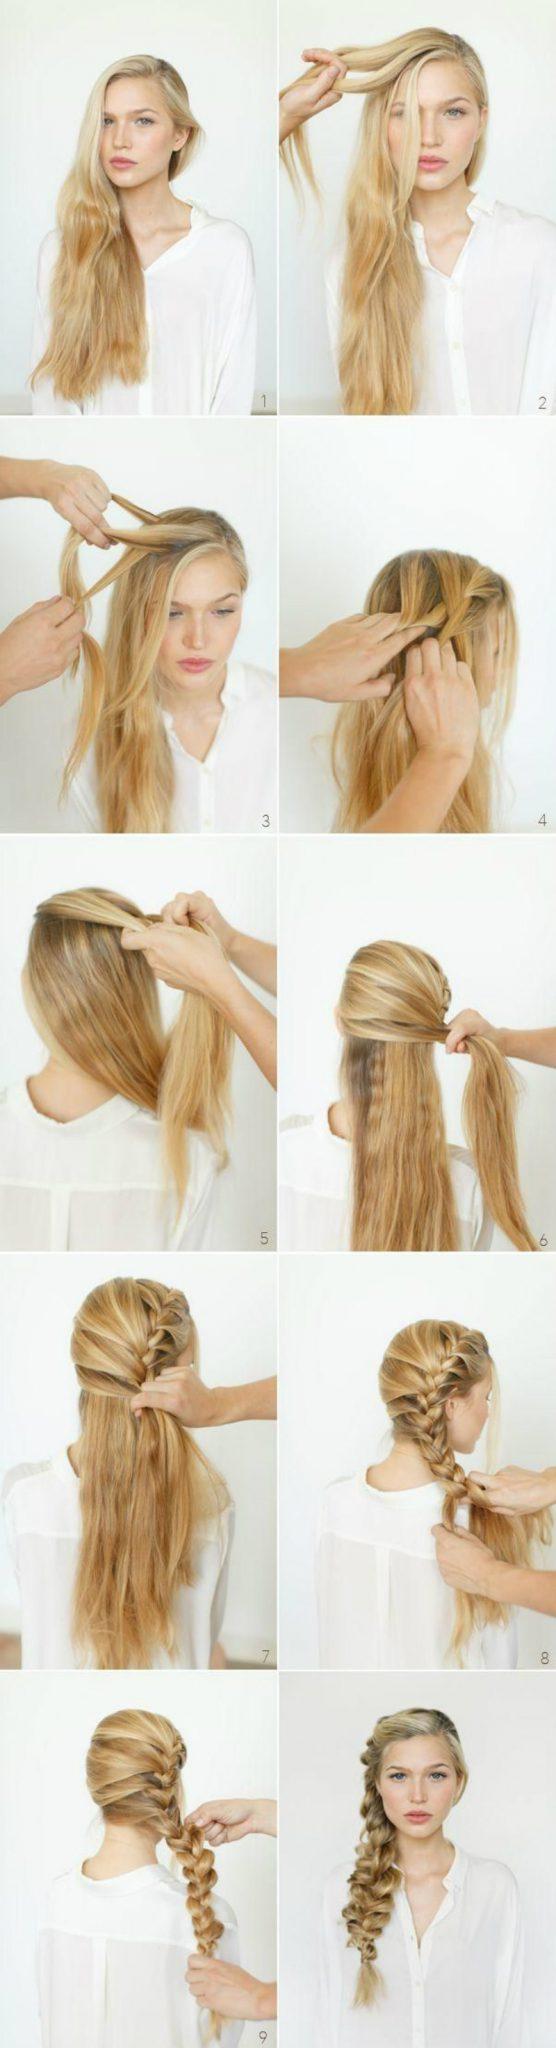 Легкая прическа для коротких волос дома